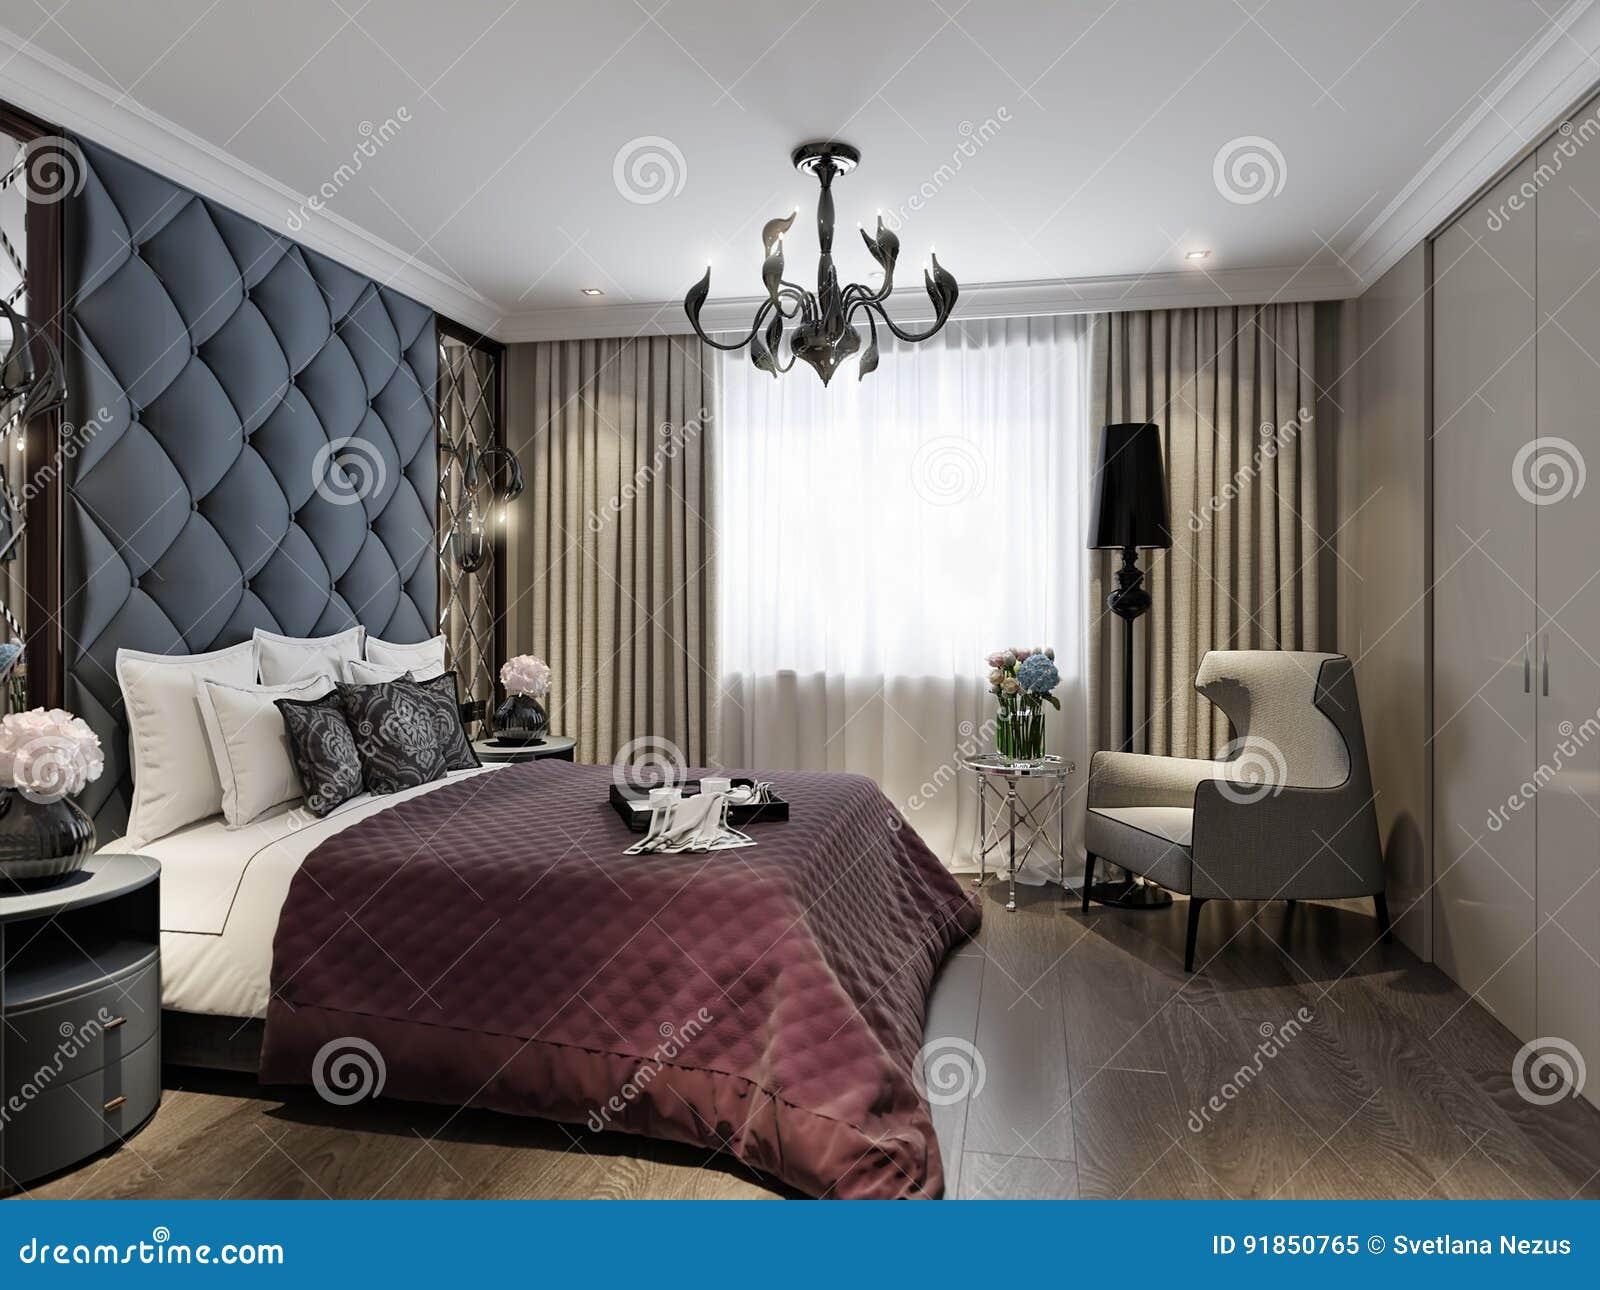 https://thumbs.dreamstime.com/z/moderner-klassischer-art-deco-bedroom-interior-design-91850765.jpg